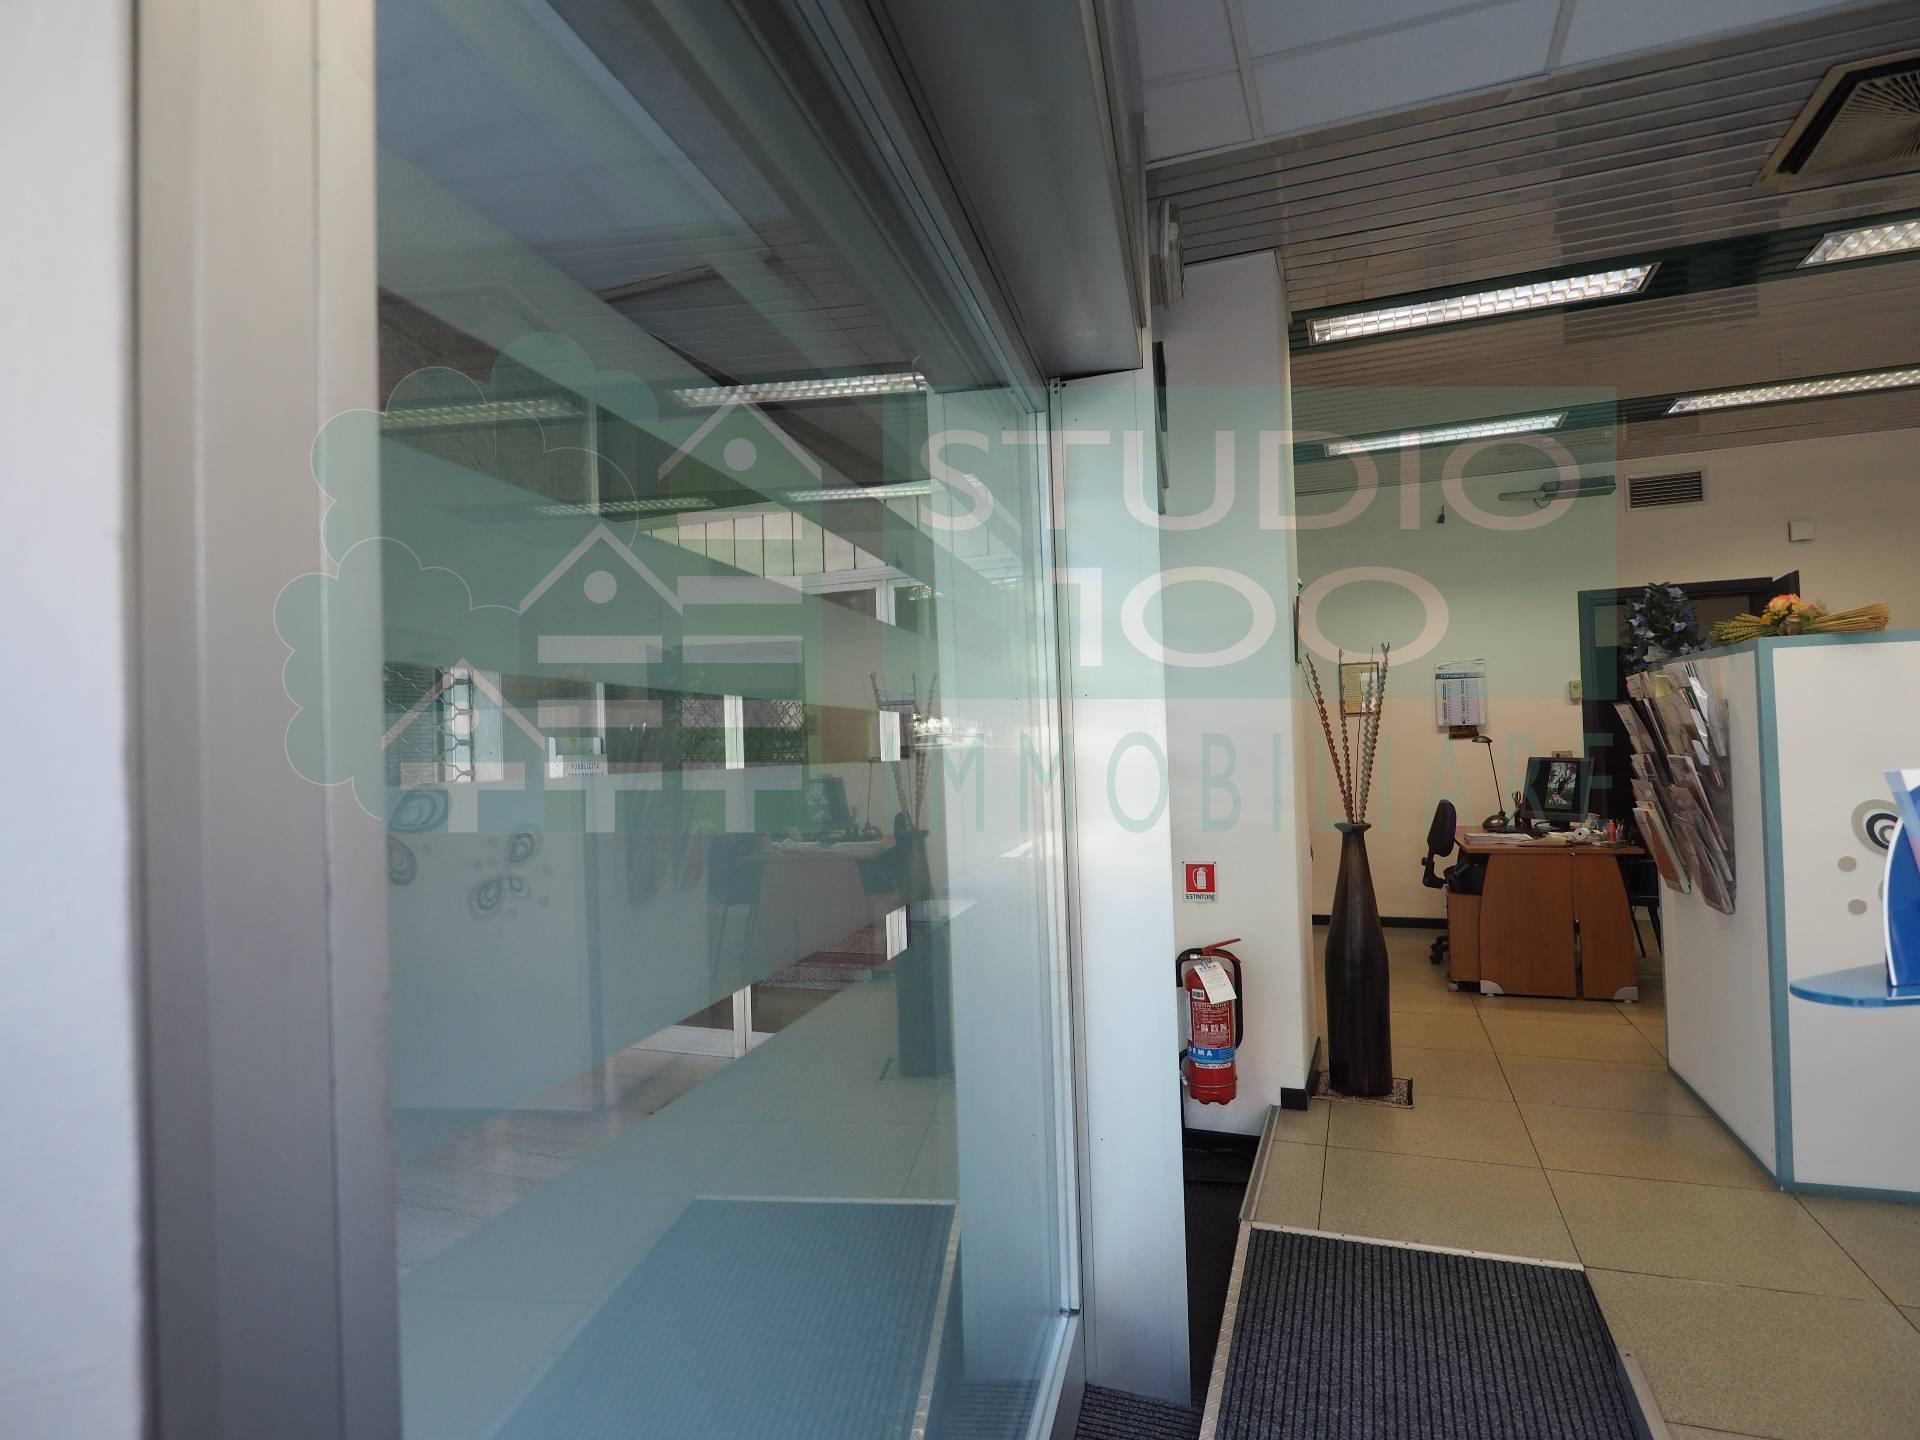 Negozio / Locale in vendita a Casorate Sempione, 9999 locali, prezzo € 45.000 | CambioCasa.it